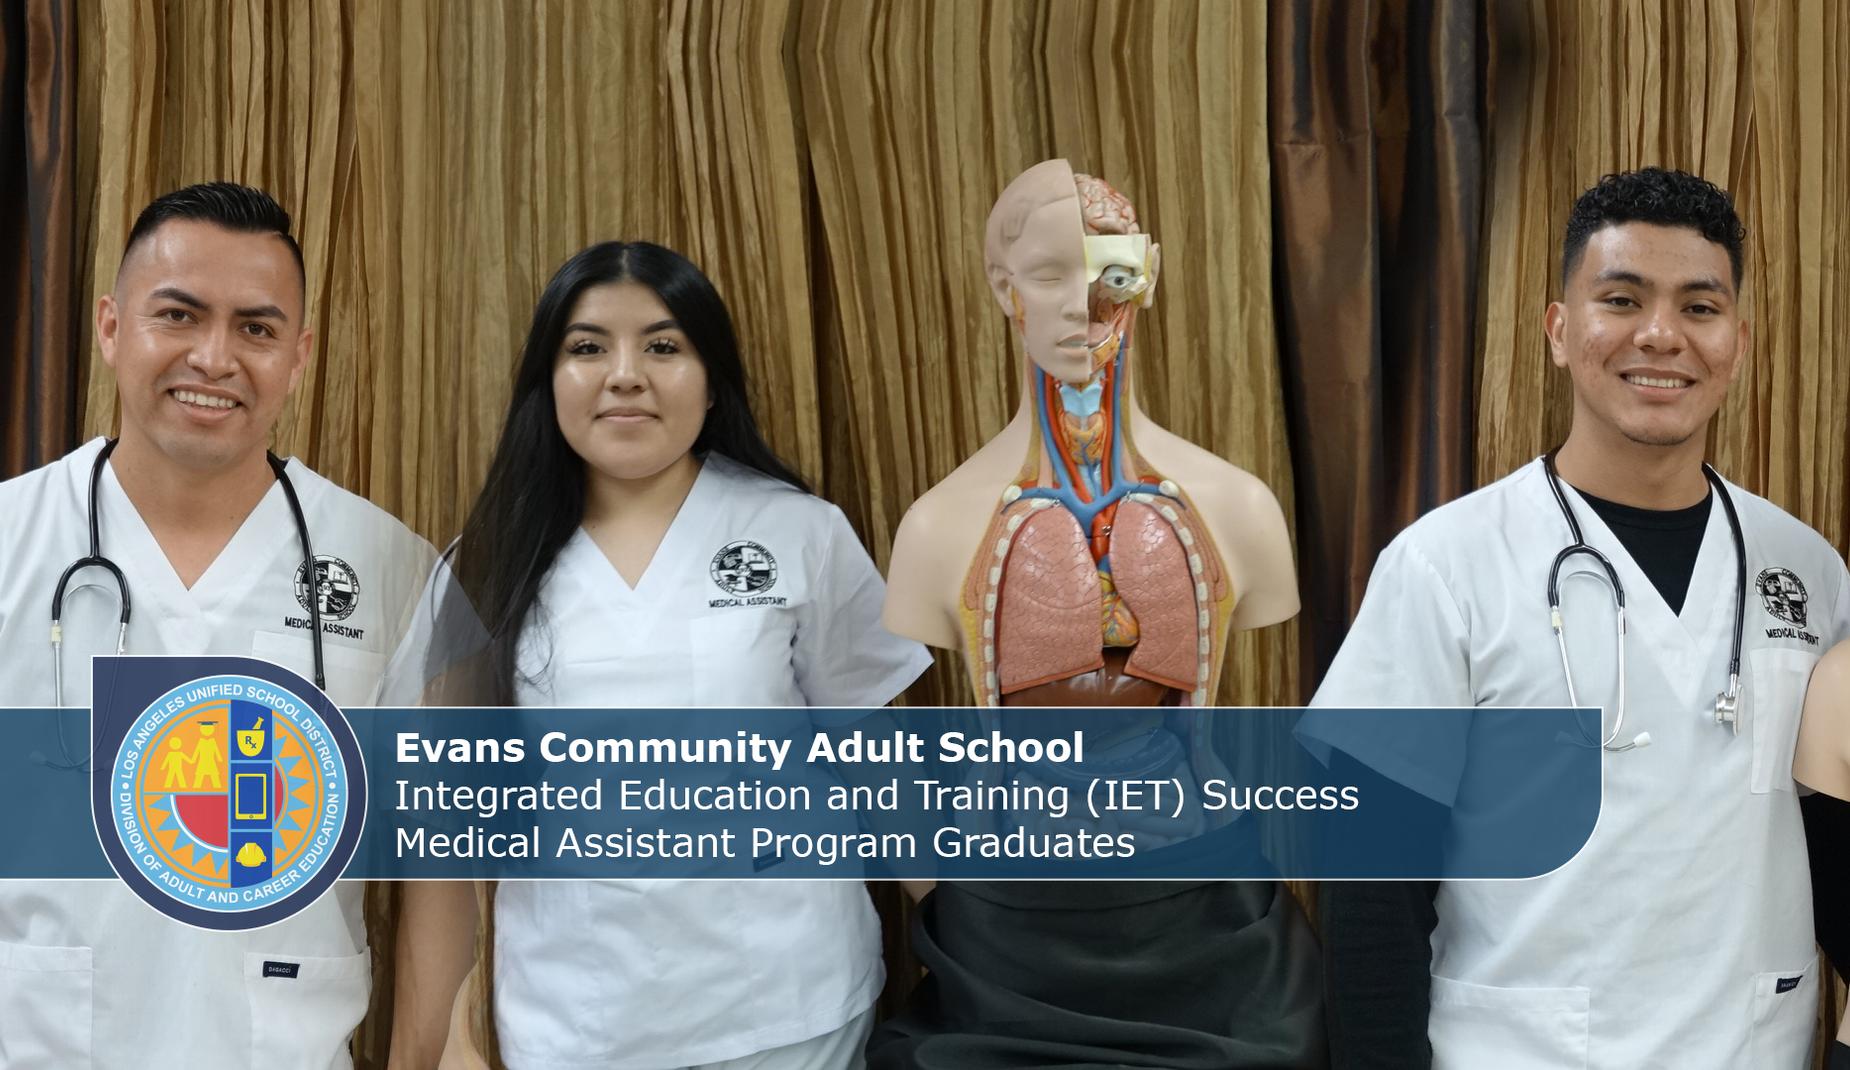 Evans IET Meical Assistant Graduates